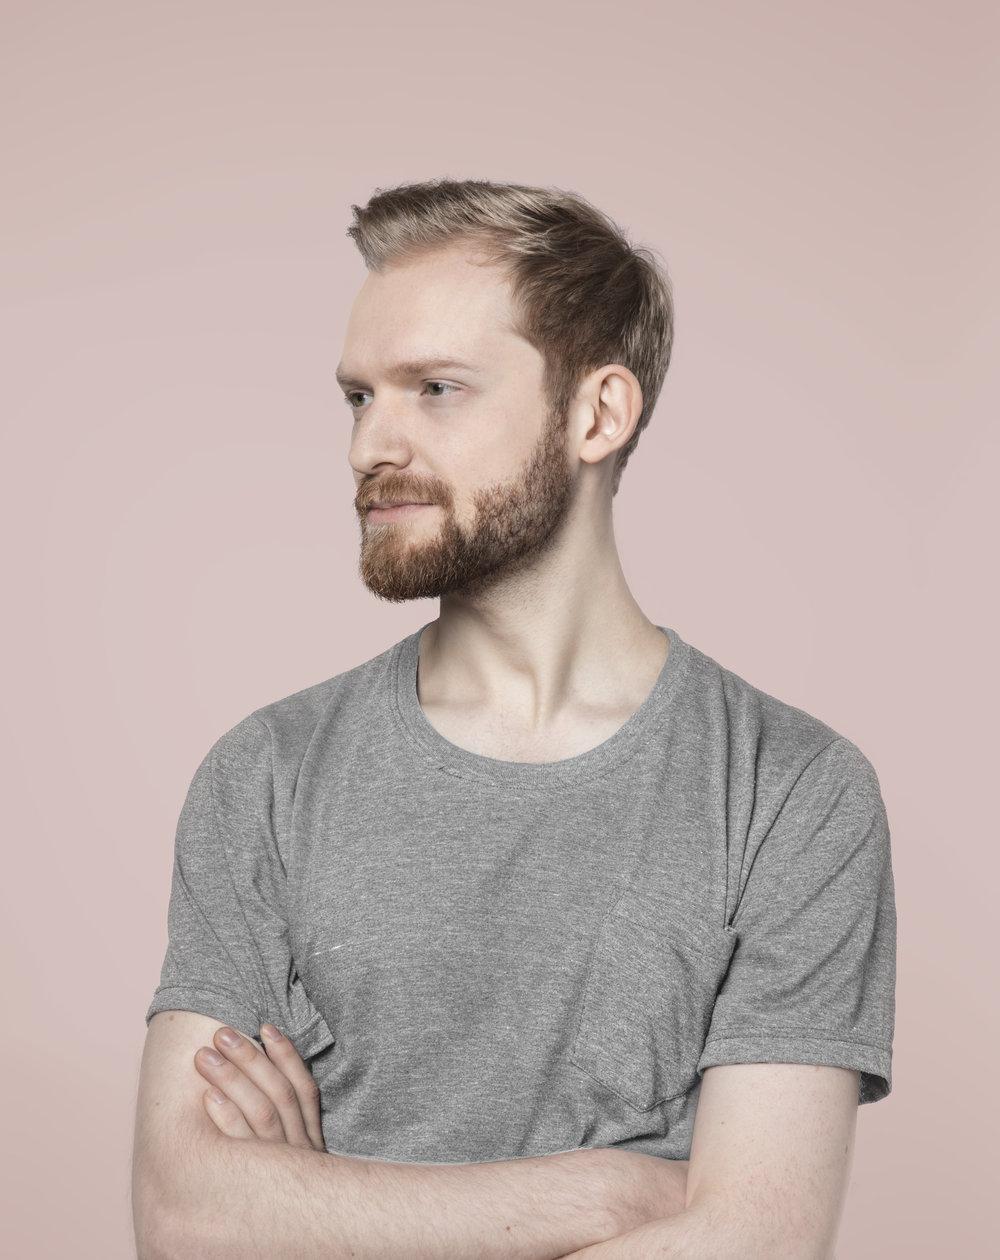 Olle Lindberg  Retoucher and 3D Artist olle@mfx.se